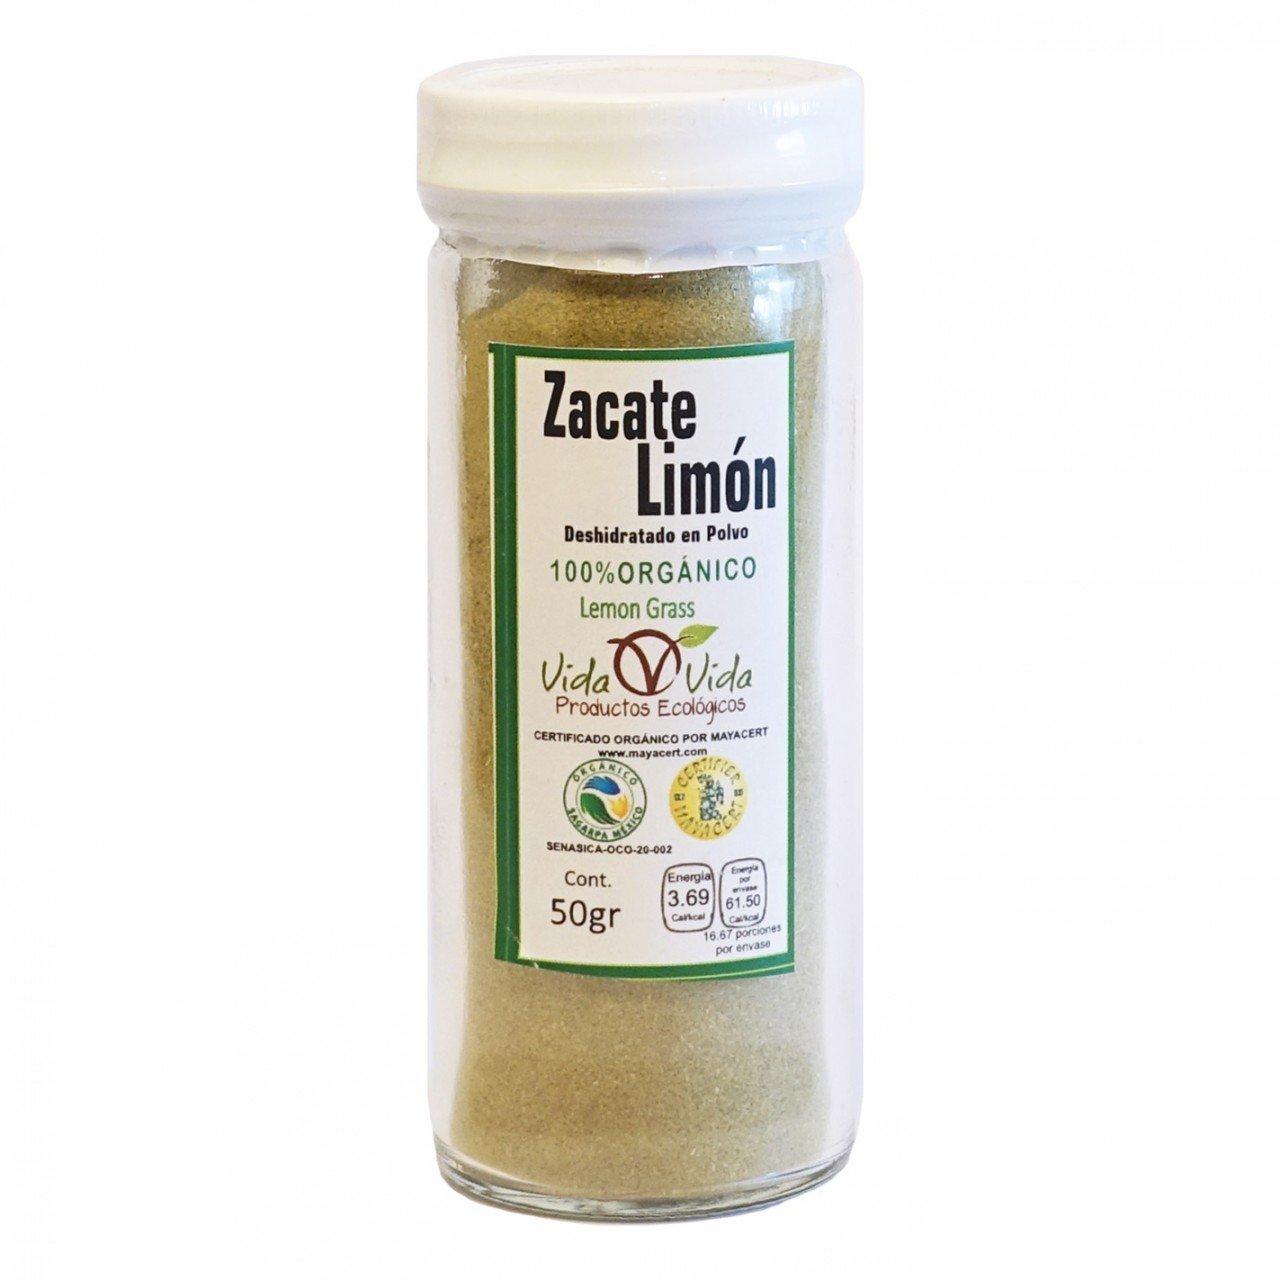 Té Zacate Limón molido orgánico 50gr